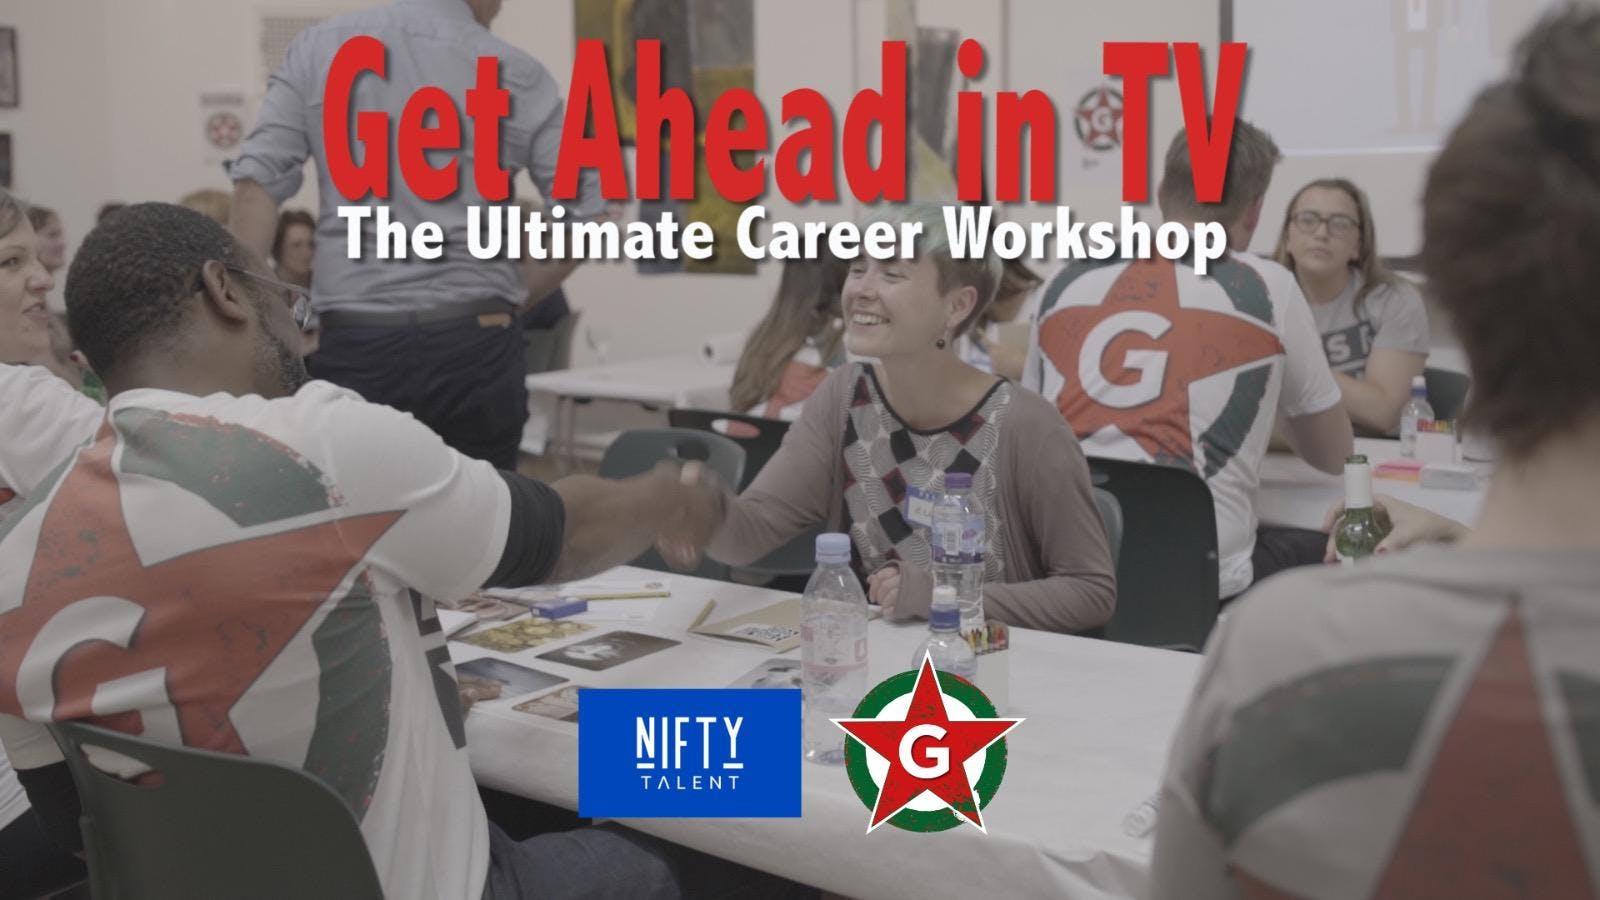 GET AHEAD IN TV: The Ultimate Career Workshop @BAFTA195